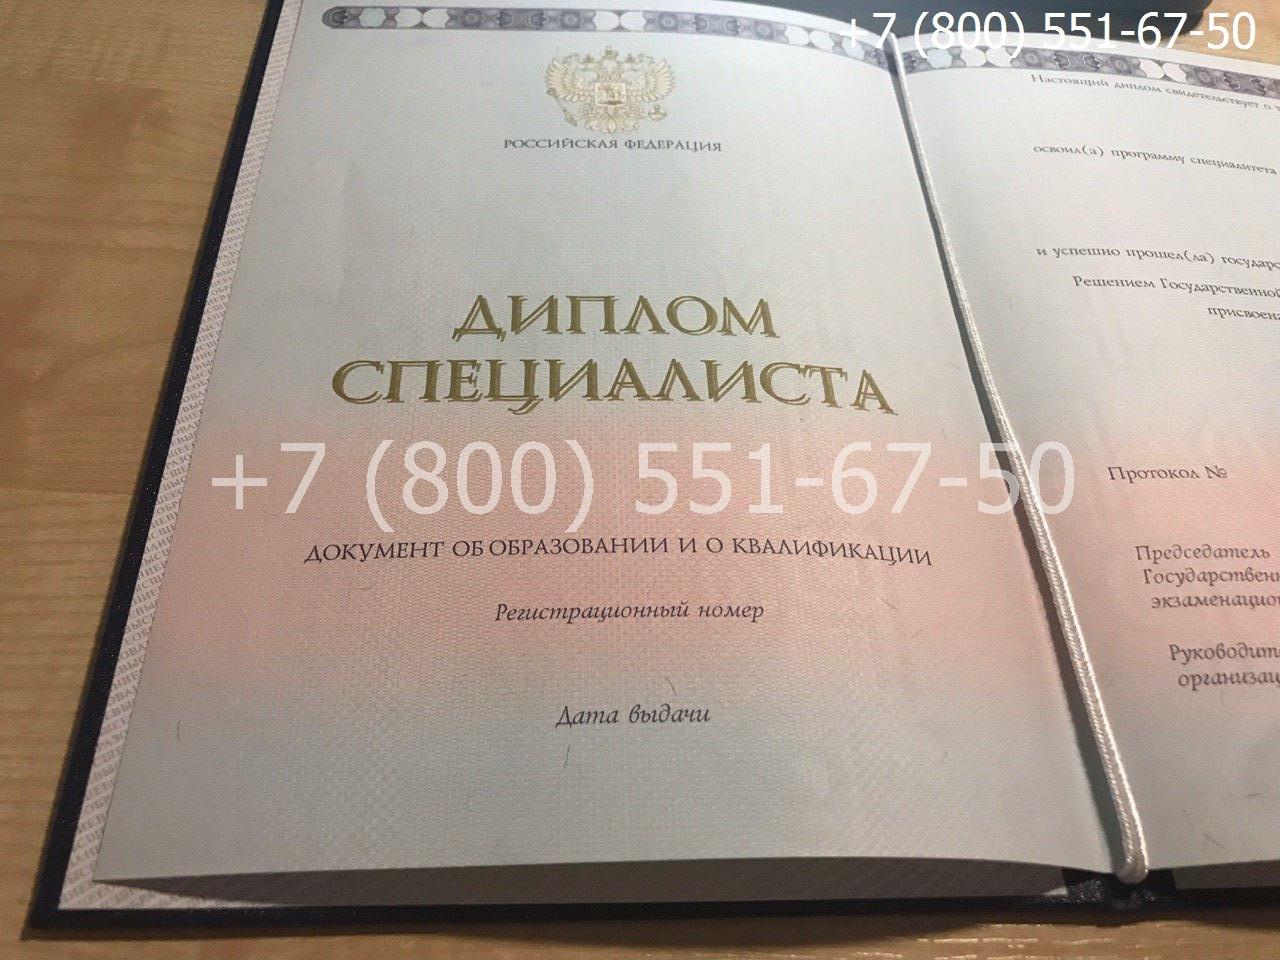 Диплом специалиста 2014-2018 годов, нового образца, титульный лист-1